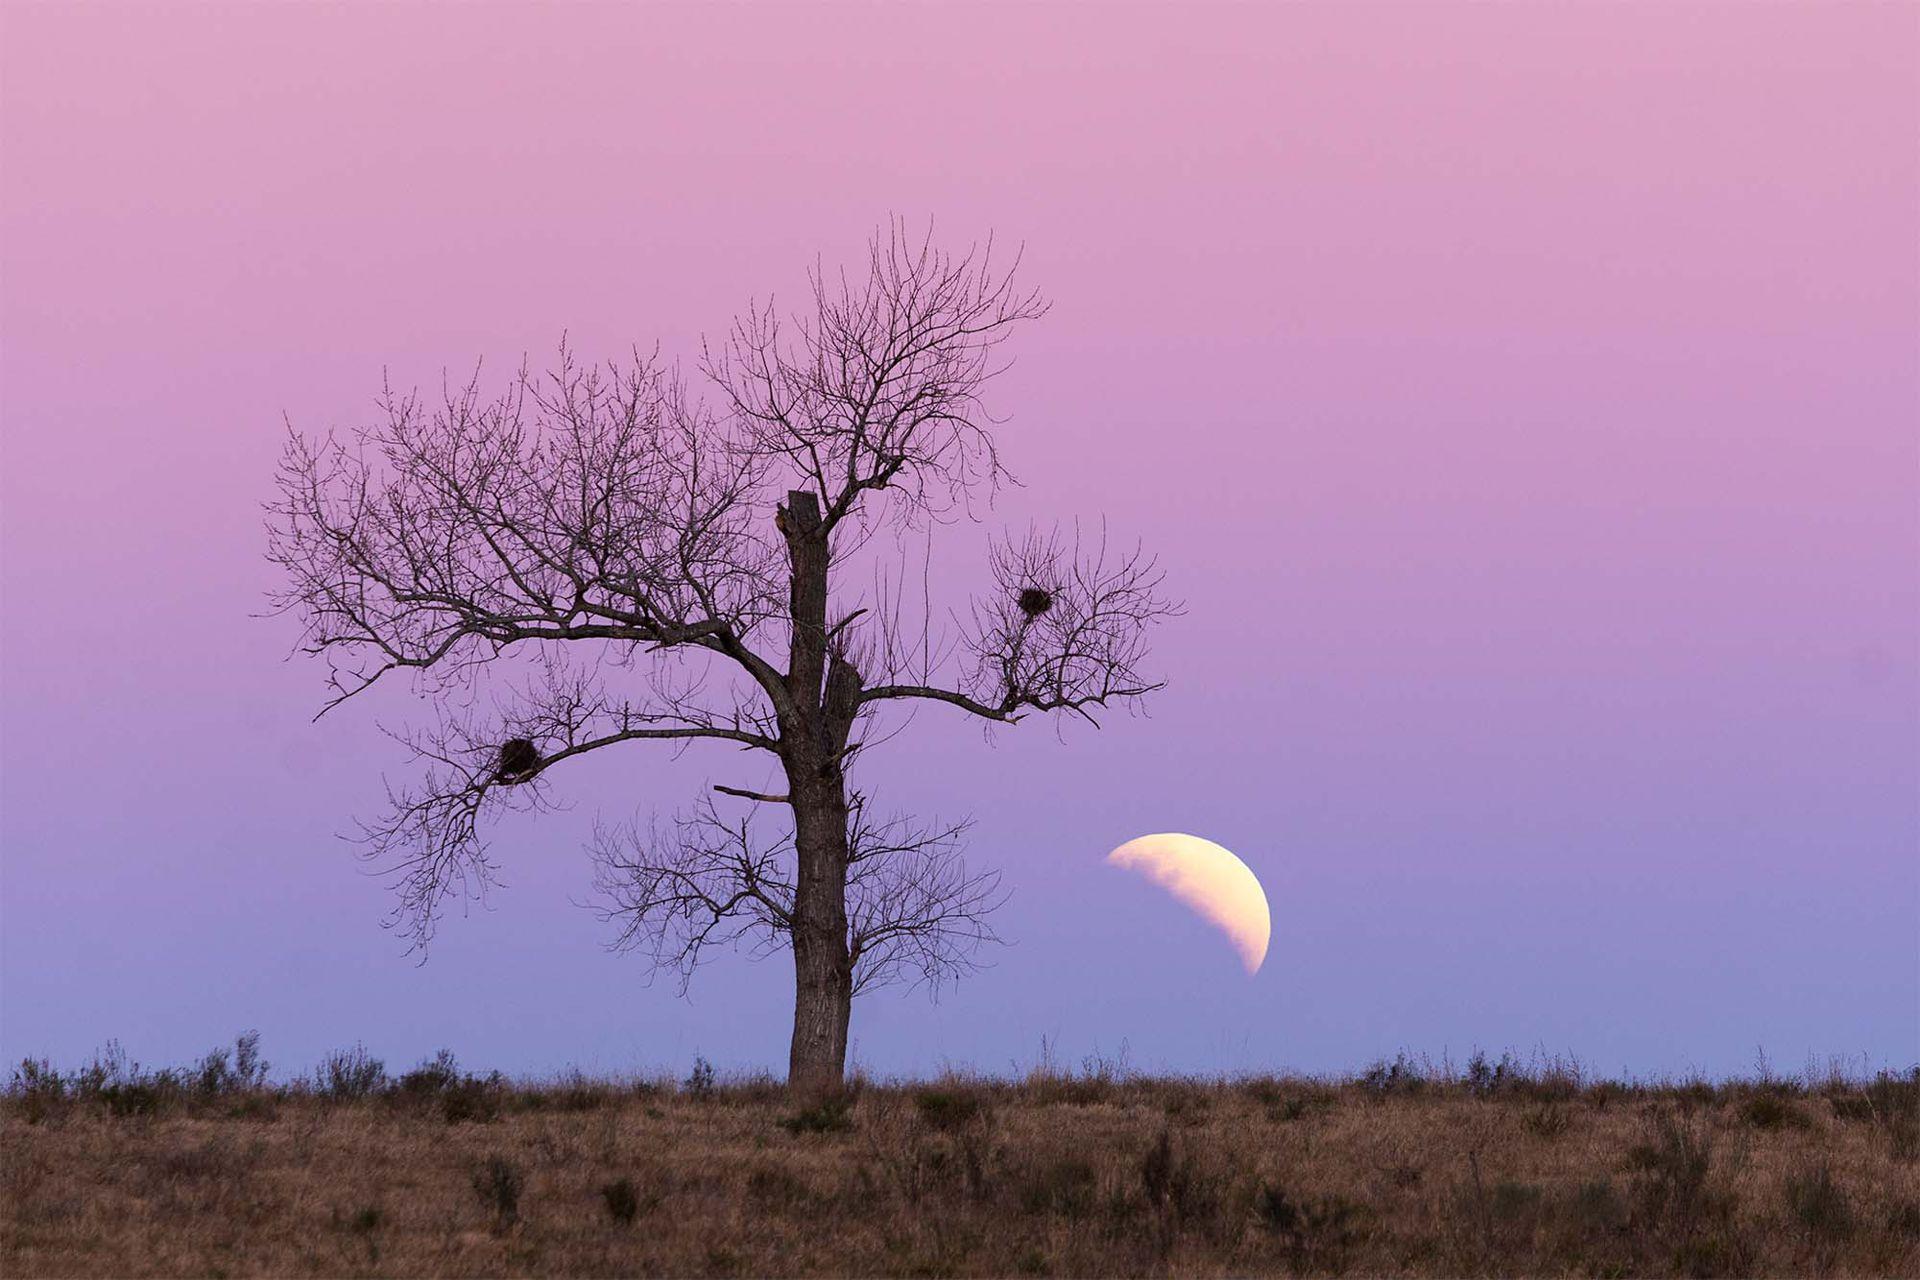 El eclipse lunar fue parcial, es decir, la sombra de la Tierra no llegó a cubrir completamente la superficie de la Luna. Como Fefo sabía que el eclipse sucedería bajo en el horizonte, un par de horas antes de que suceda viajó por la ruta buscando un árbol como primer plano para que acompañe a la lun